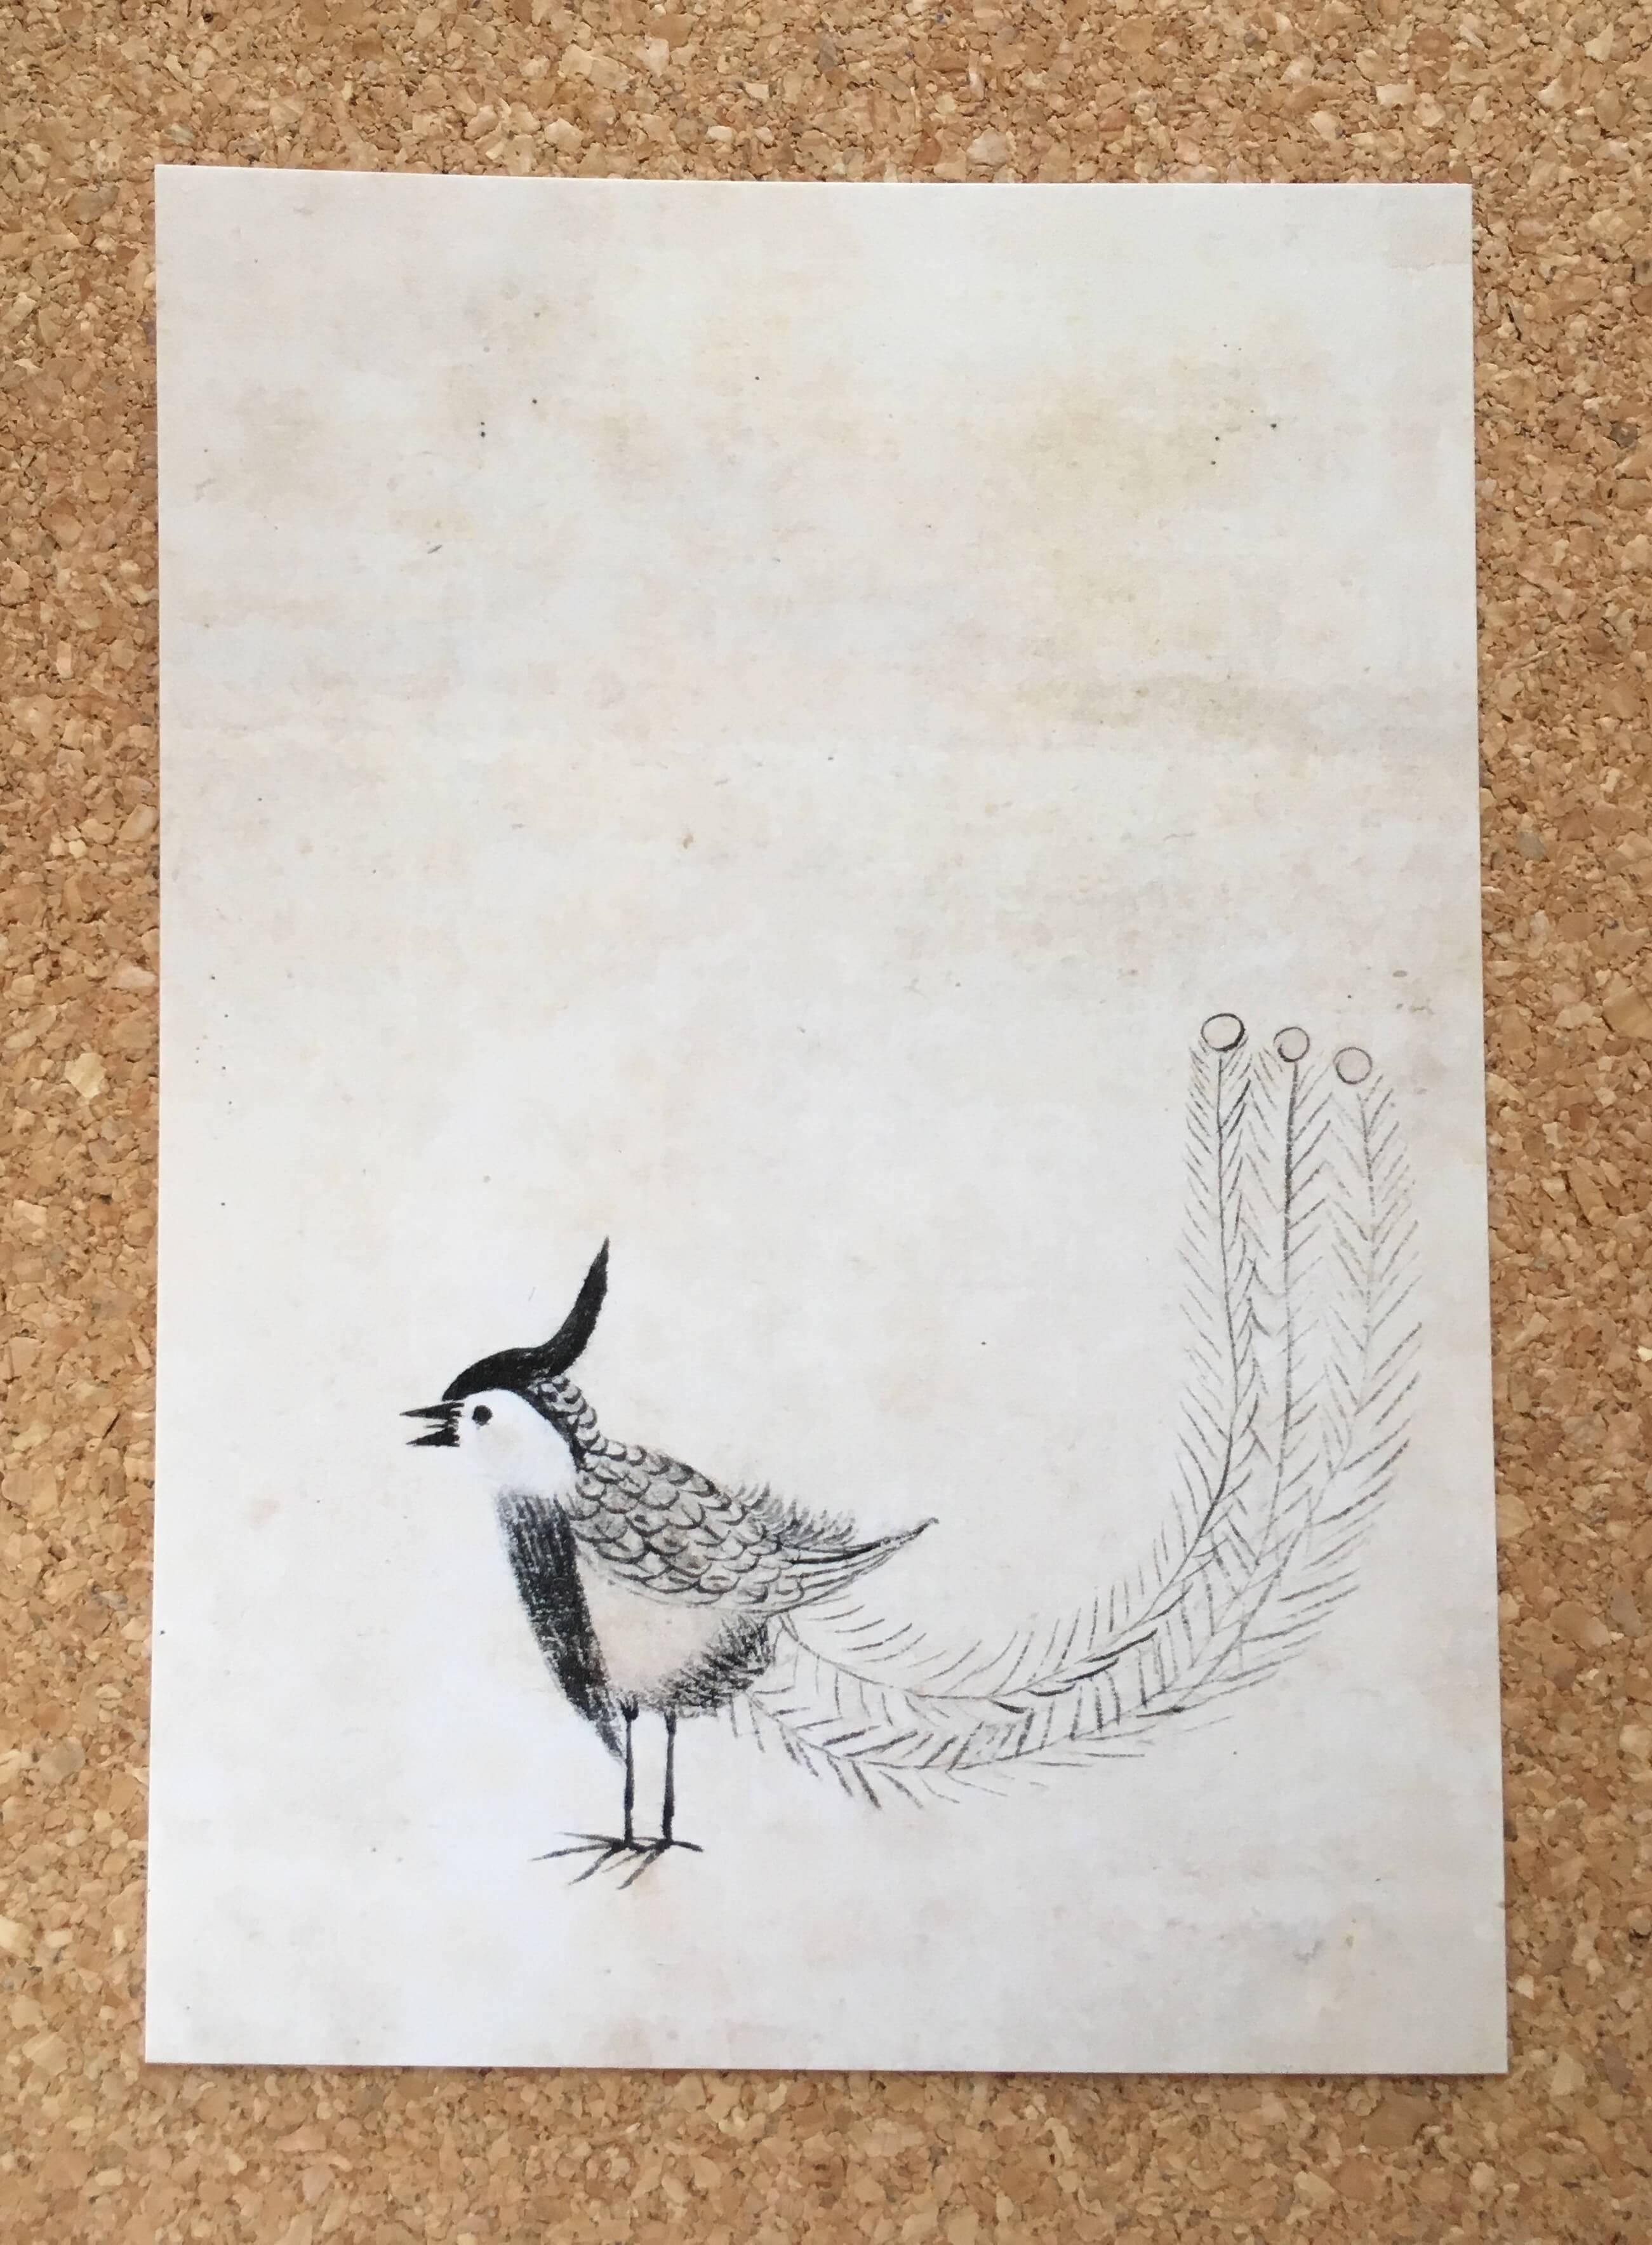 徳川家光『鳳凰図』